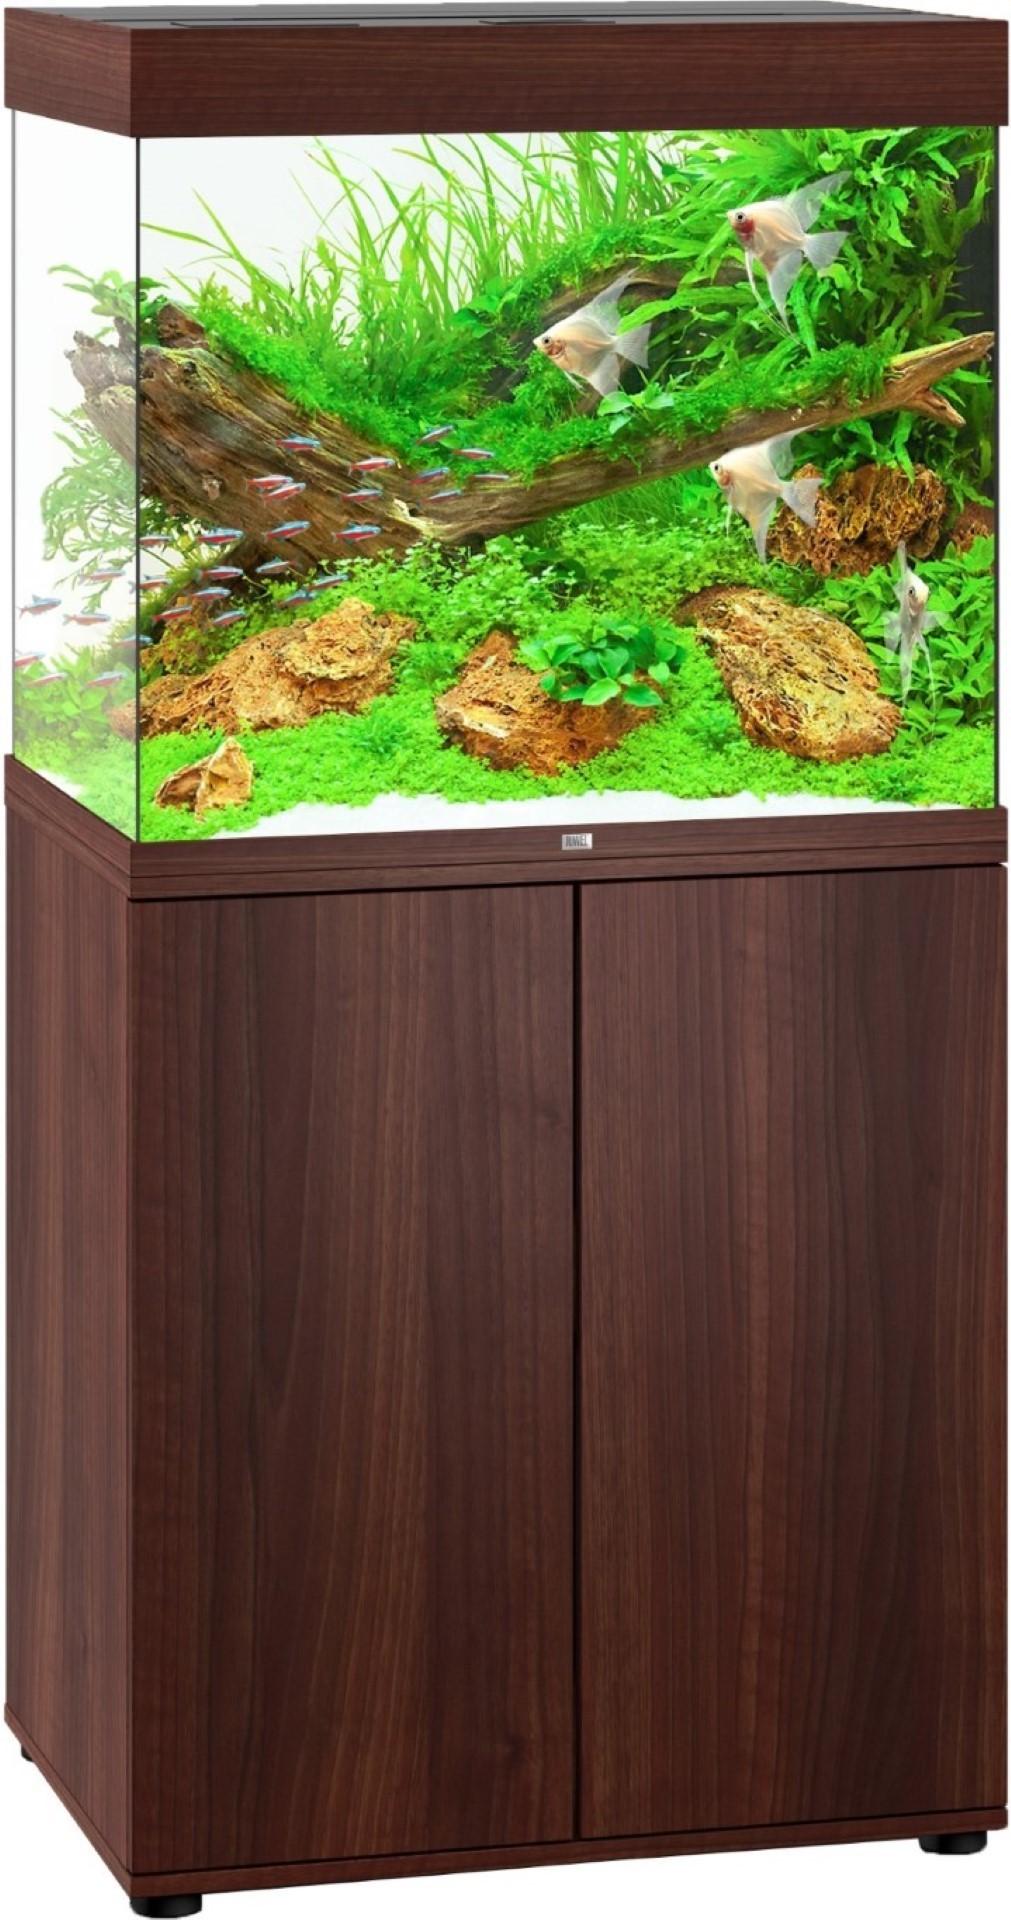 Juwel meubel bouwpakket SBX Lido 200 donkerbruin